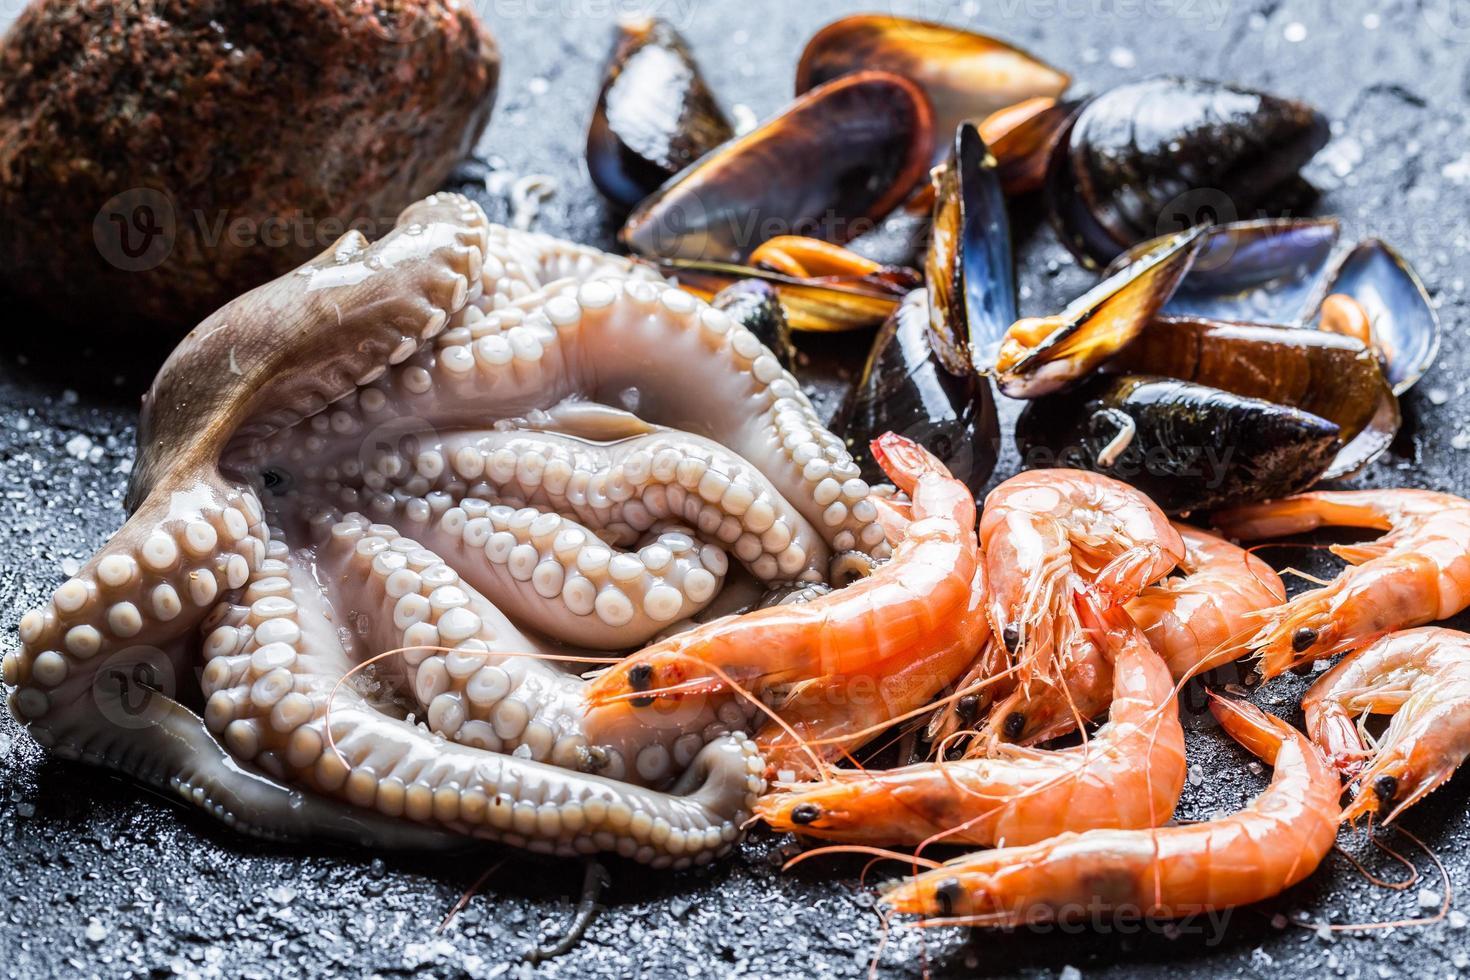 drei Arten von frischen Meeresfrüchten foto